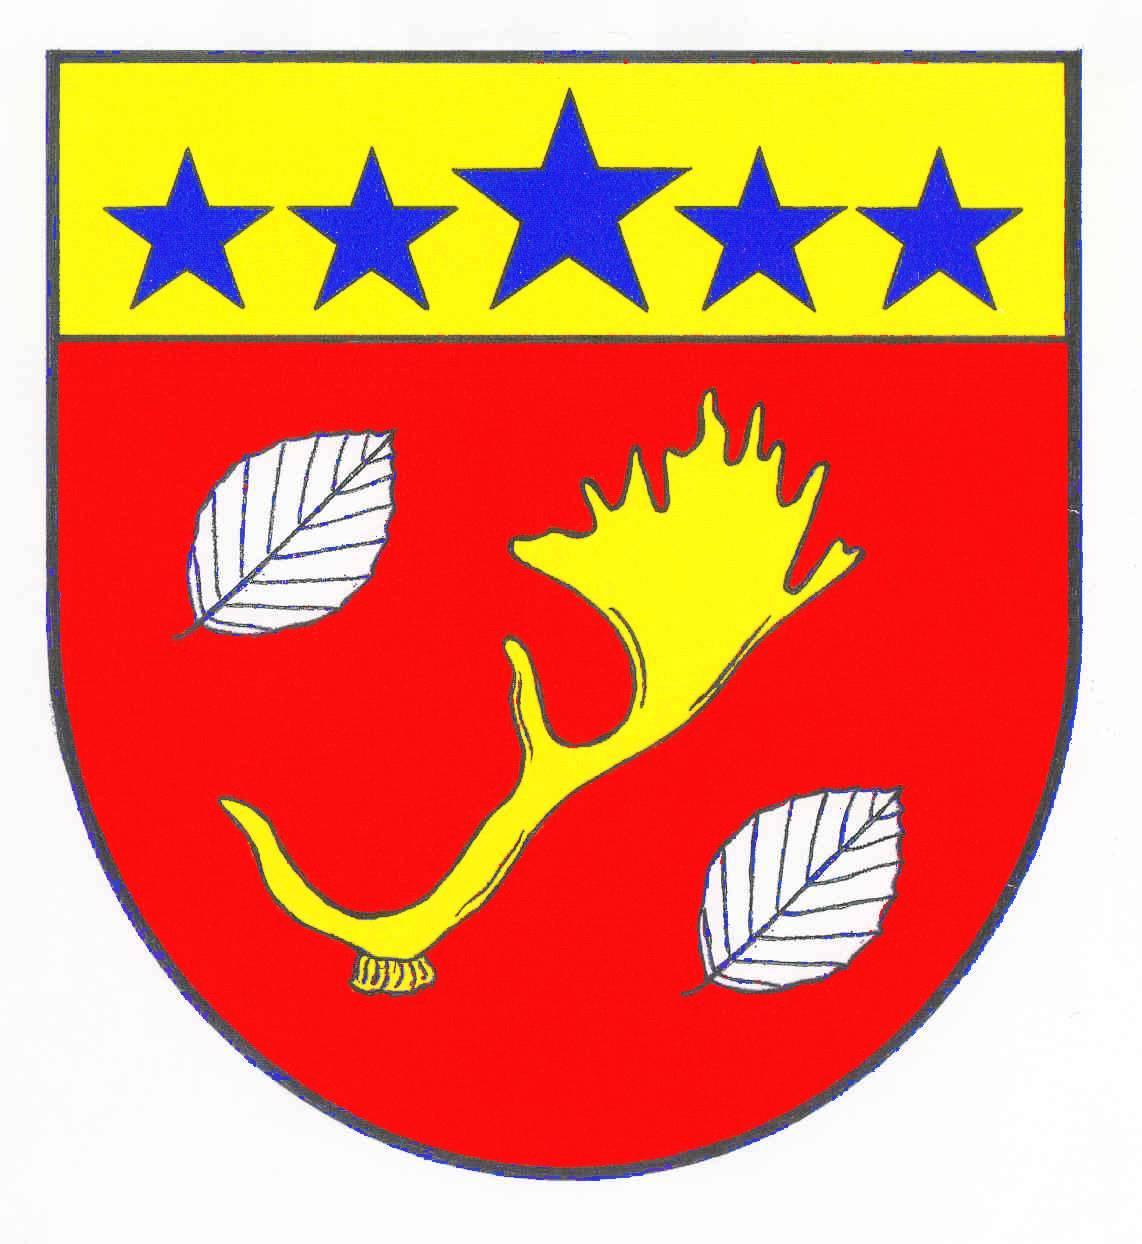 Wappen GemeindeManhagen, Kreis Ostholstein